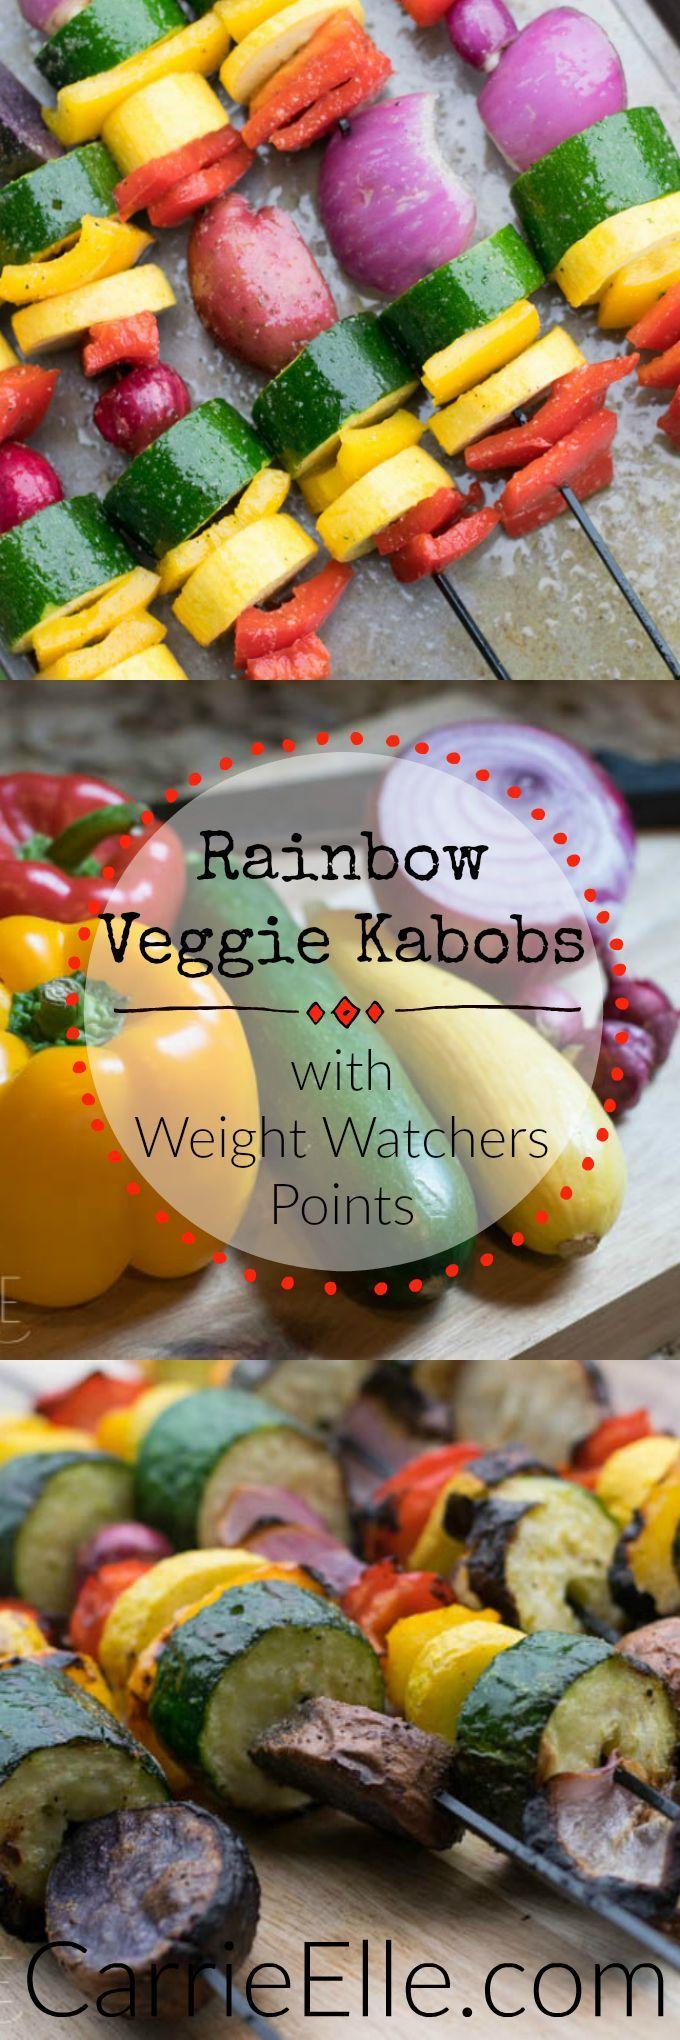 Rainbow Veggie Kabobs - only 2 WW points!